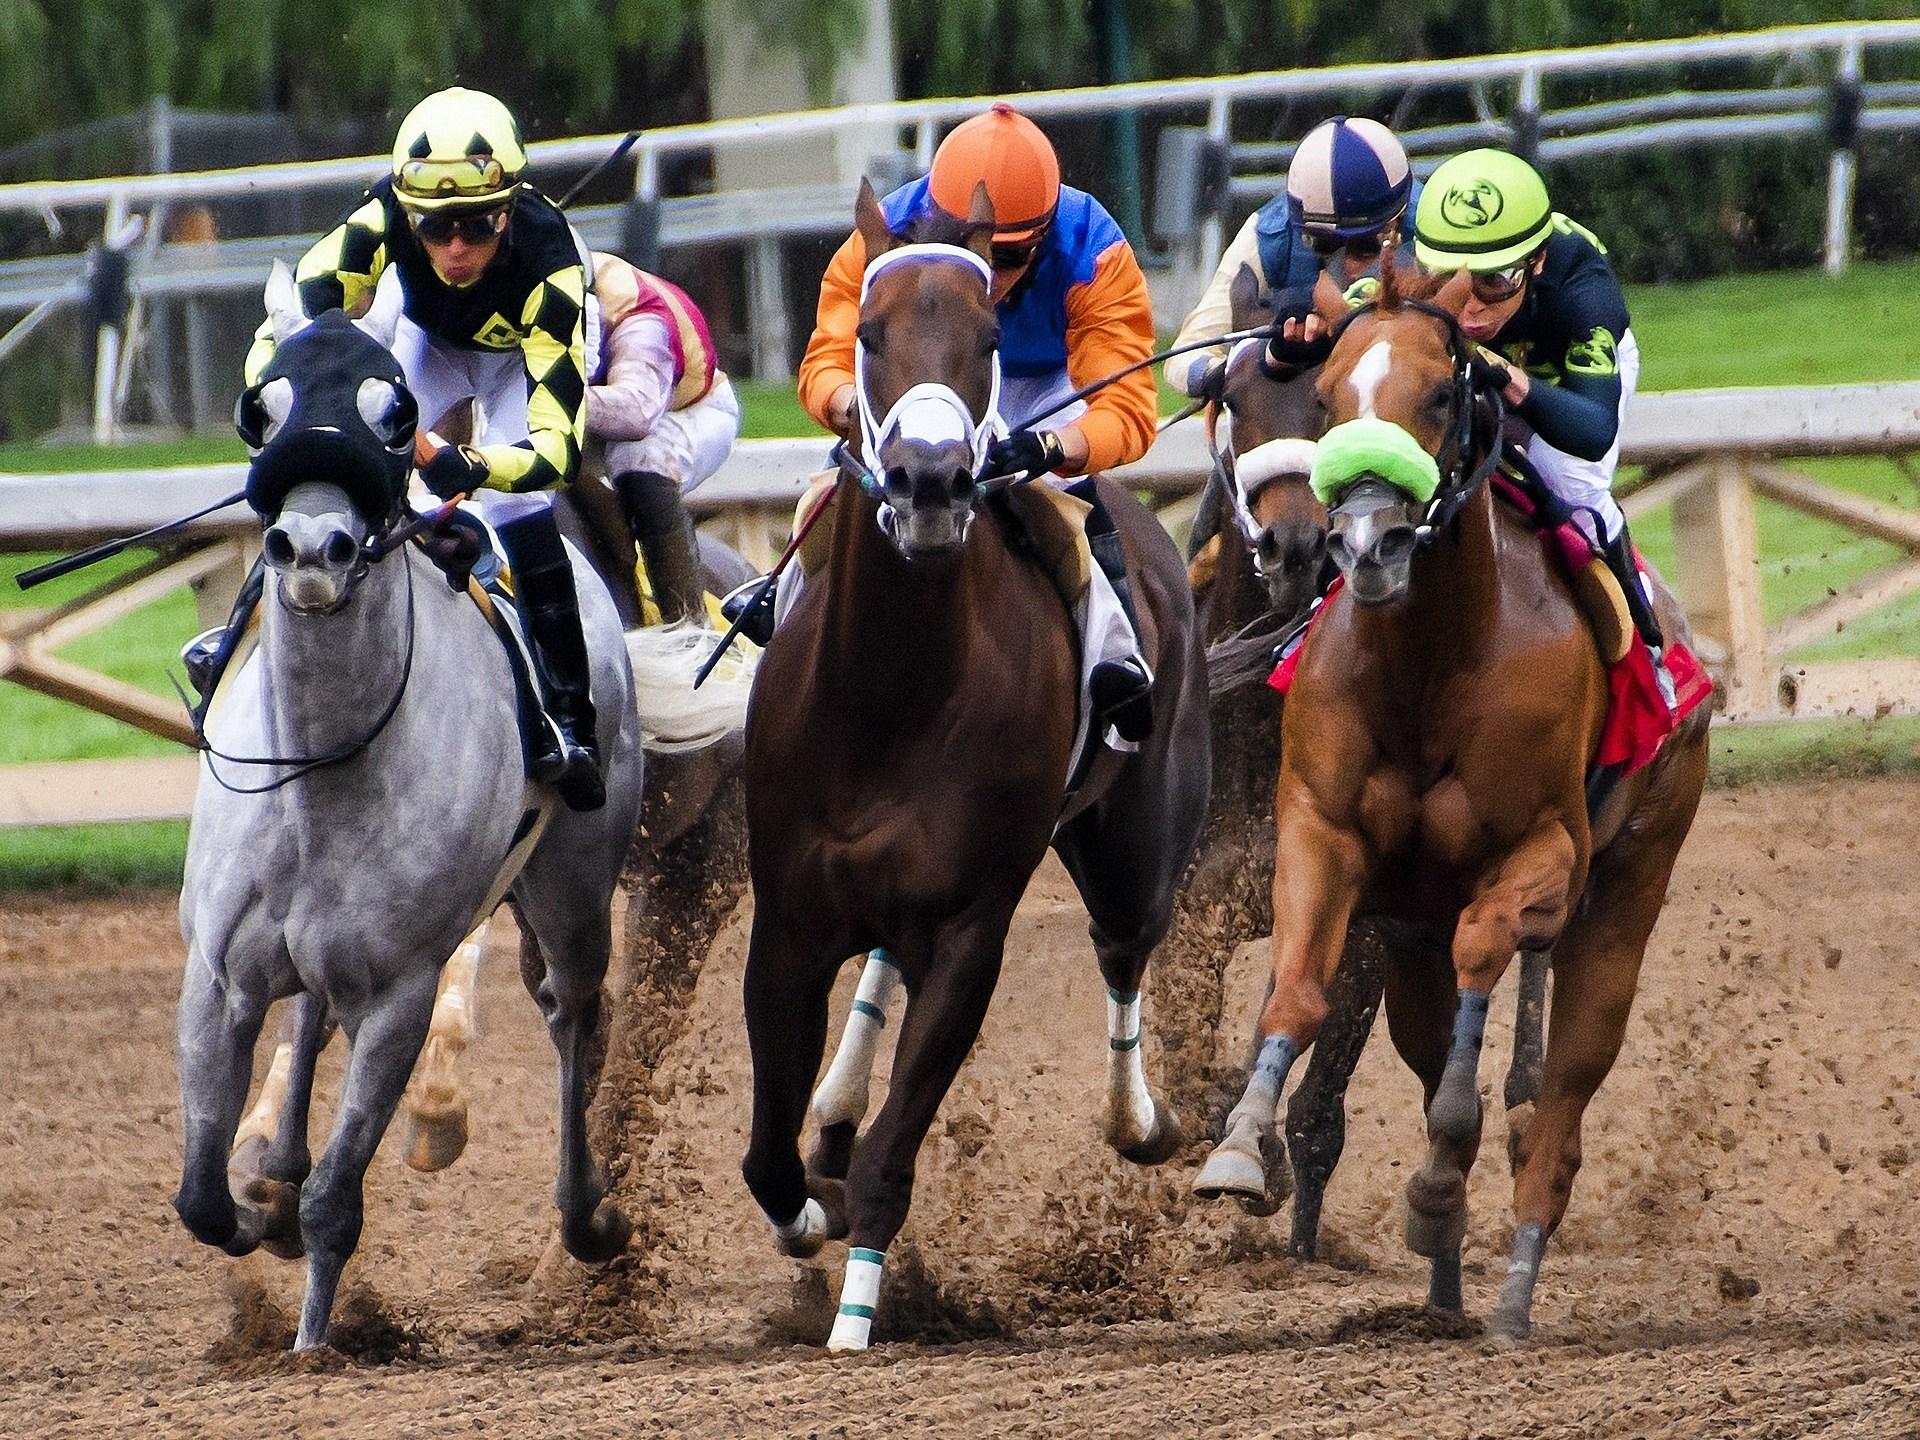 horses-3811270_1920_1556592146994.jpg